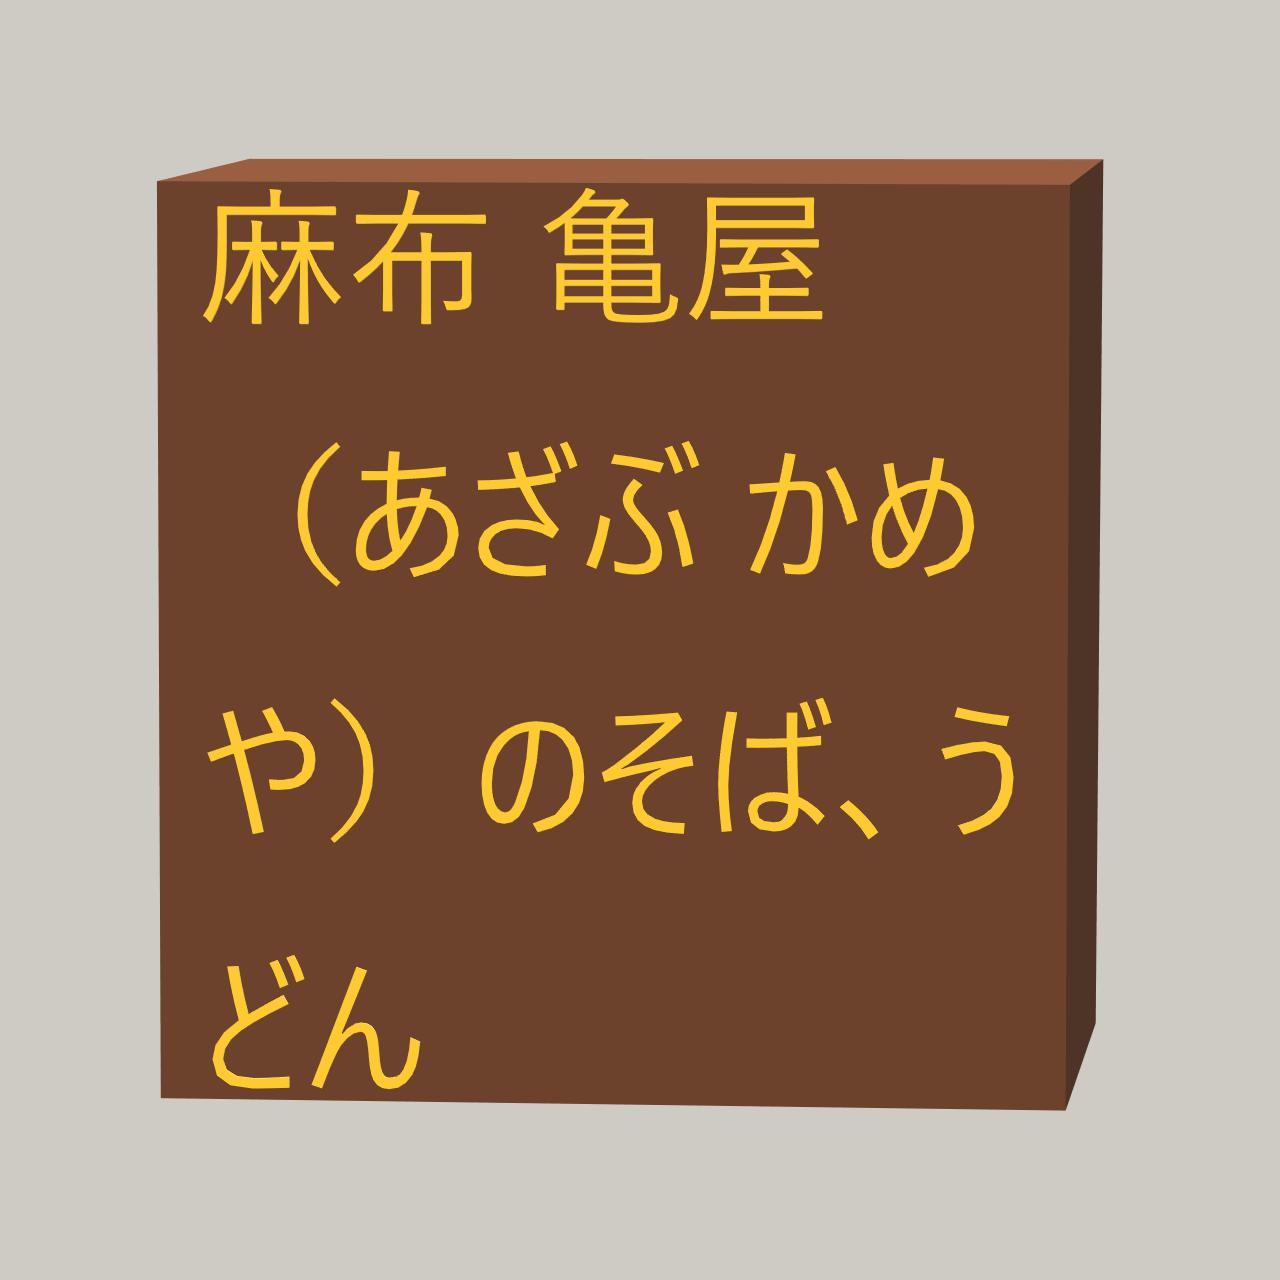 麻布 亀屋(あざぶ かめや)のそば、うどん食品(しょくひん)26種類(しゅるい)などメニューや店舗(てんぽ)とは?にかかる画像(がぞう)